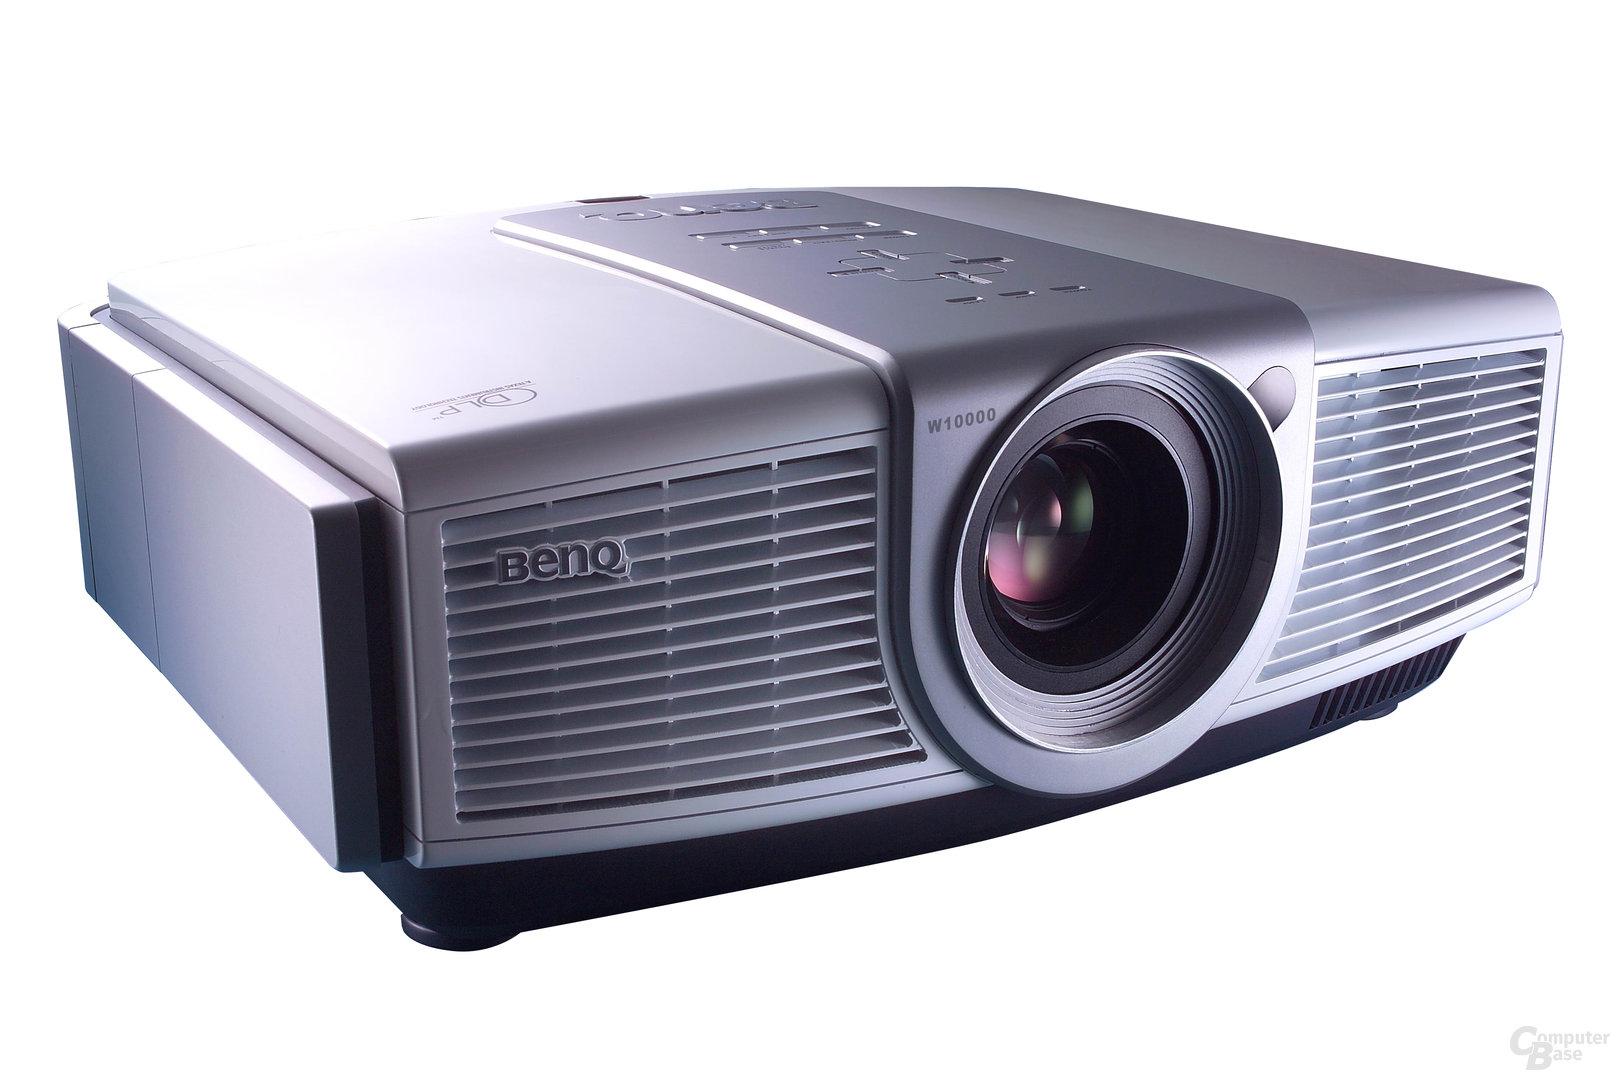 BenQ W10000 Full-HD-Projektor